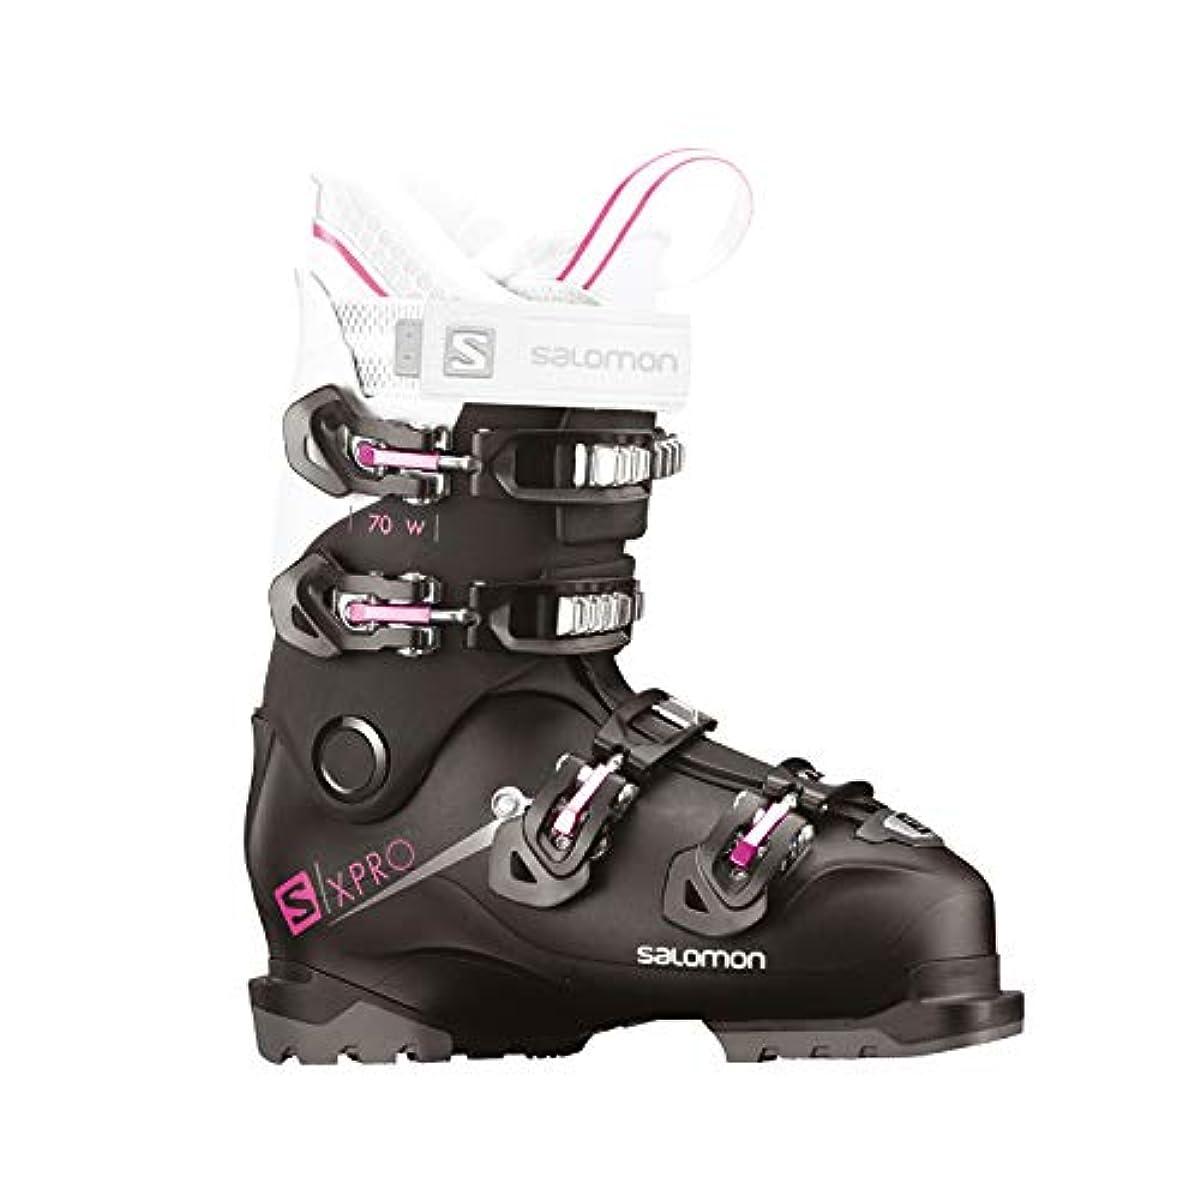 [해외] 살로몬SALOMON 스키화 레이디스 X PRO 70 W 2018-19년 모델 L40551900